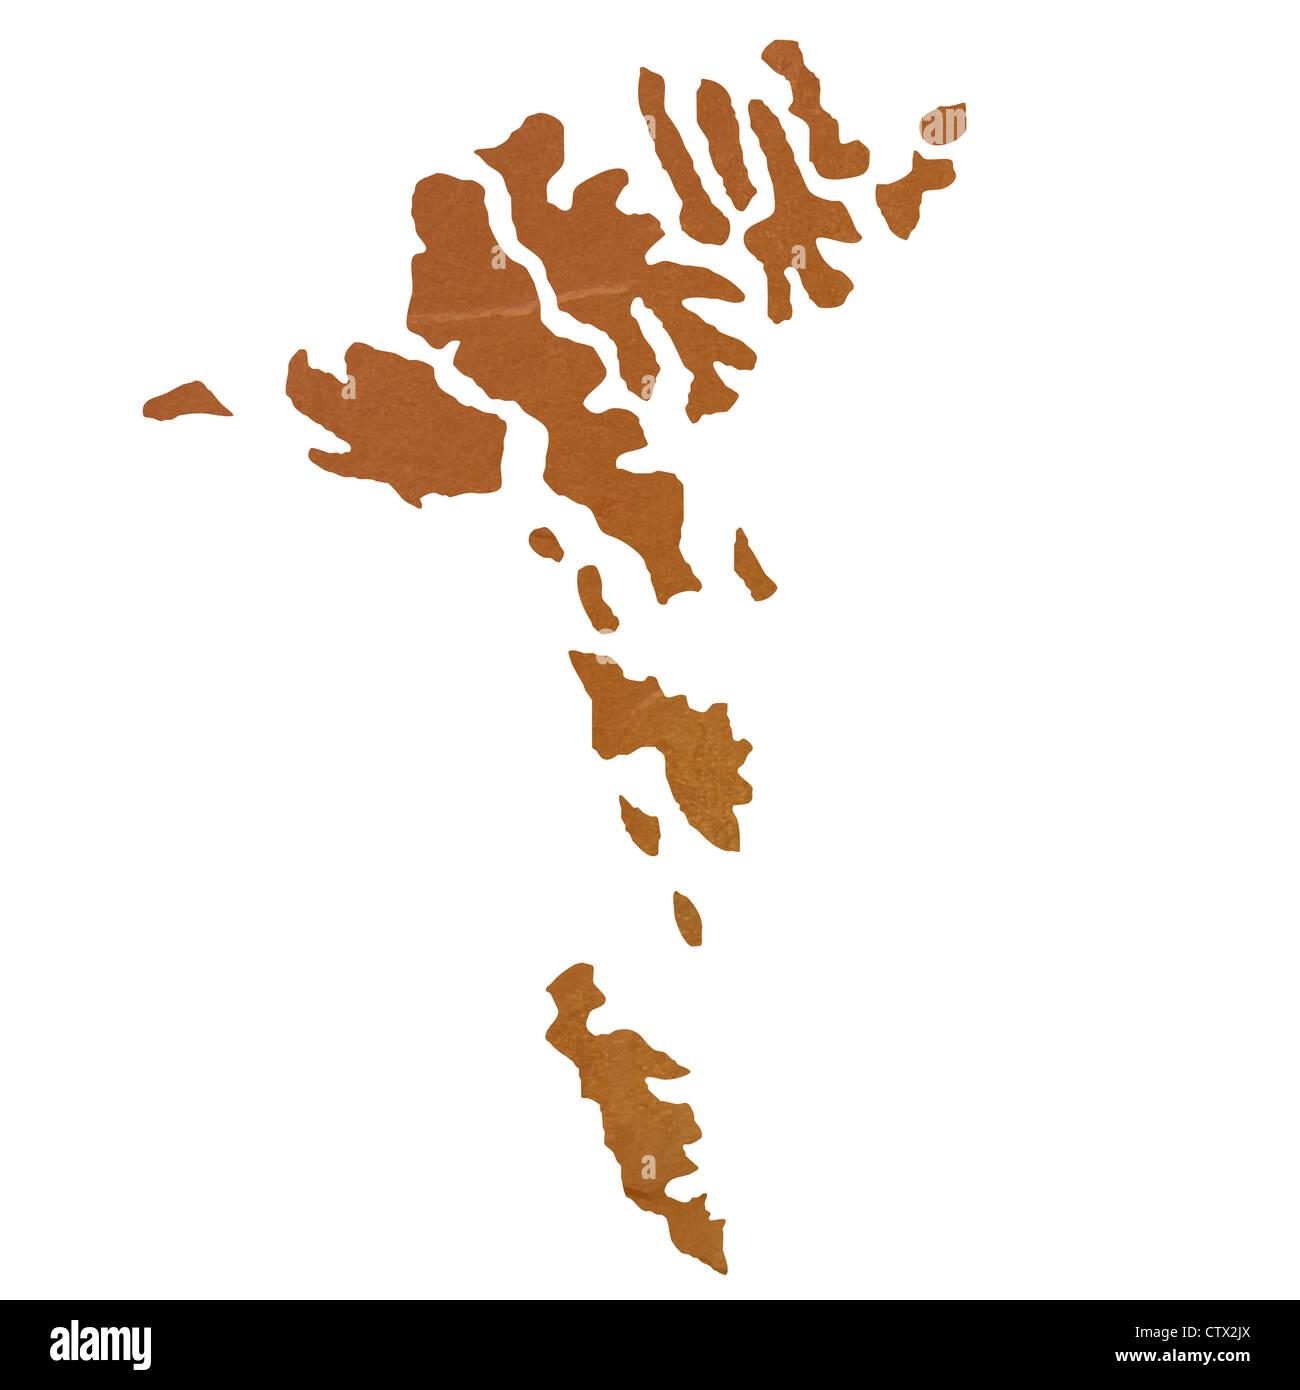 Färöer Inseln Karte.Strukturierte Karte Von Färöer Inseln Karte Mit Braunen Felsen Oder